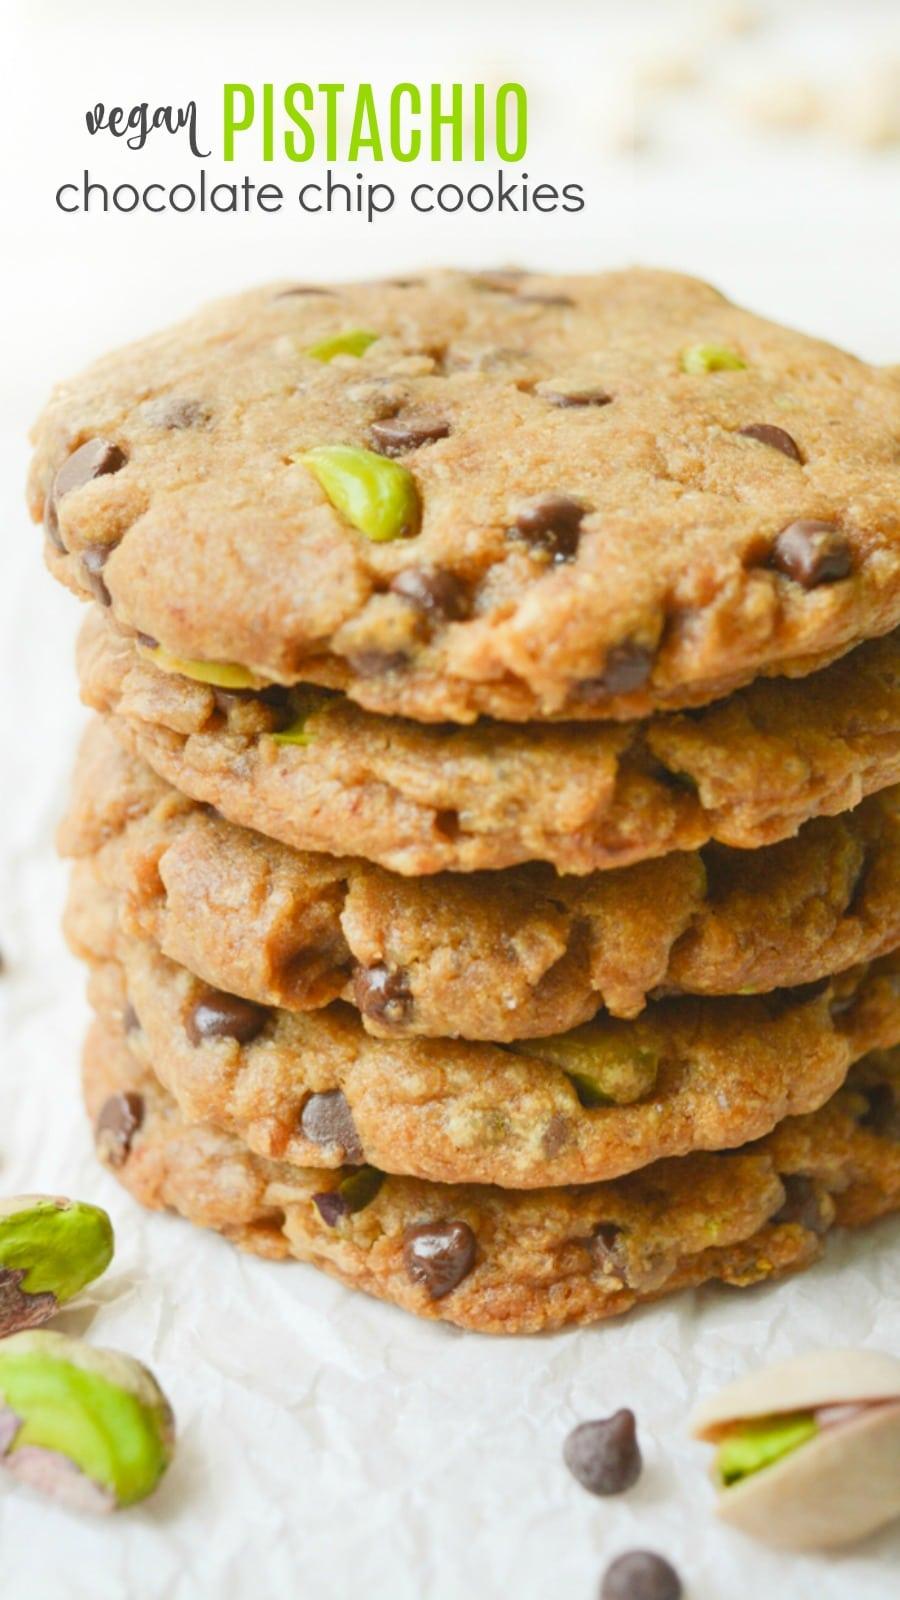 A stack of 5 vegan pistachio cookies.